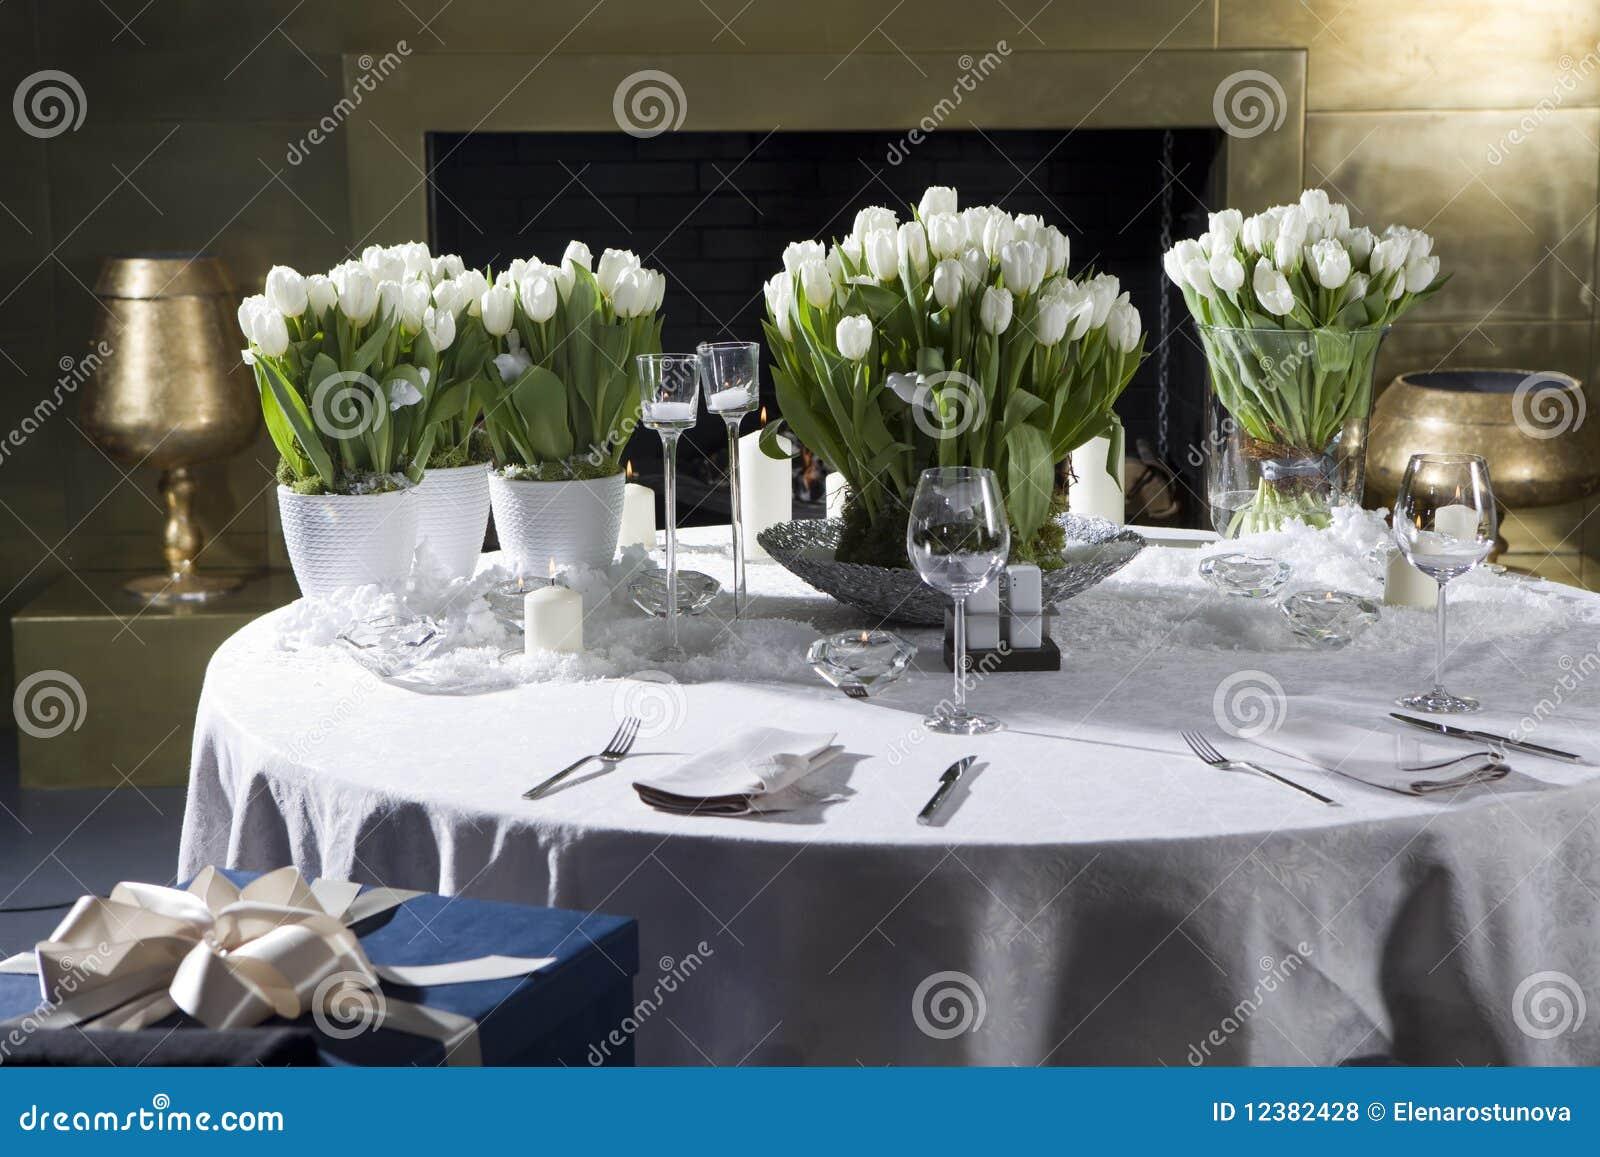 Decoratie van de eettafel royalty vrije stock foto 39 s afbeelding 12382428 - Decoratie van de kamers van de meiden ...